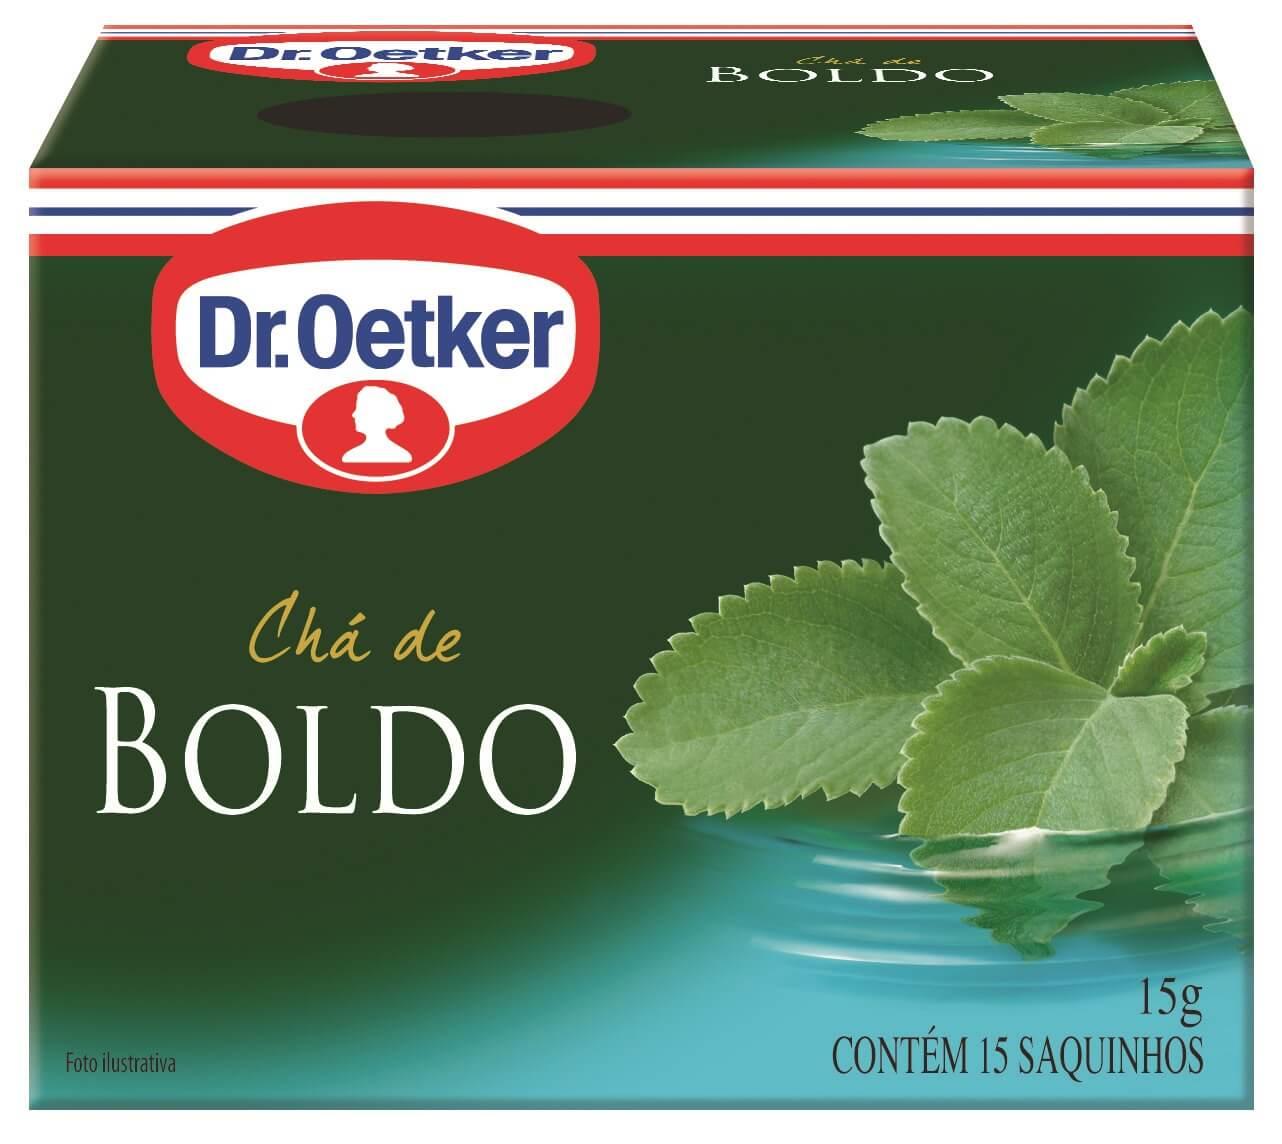 CHÁ DE BOLDO - DR. OETKER - KIT COM 2 CAIXAS